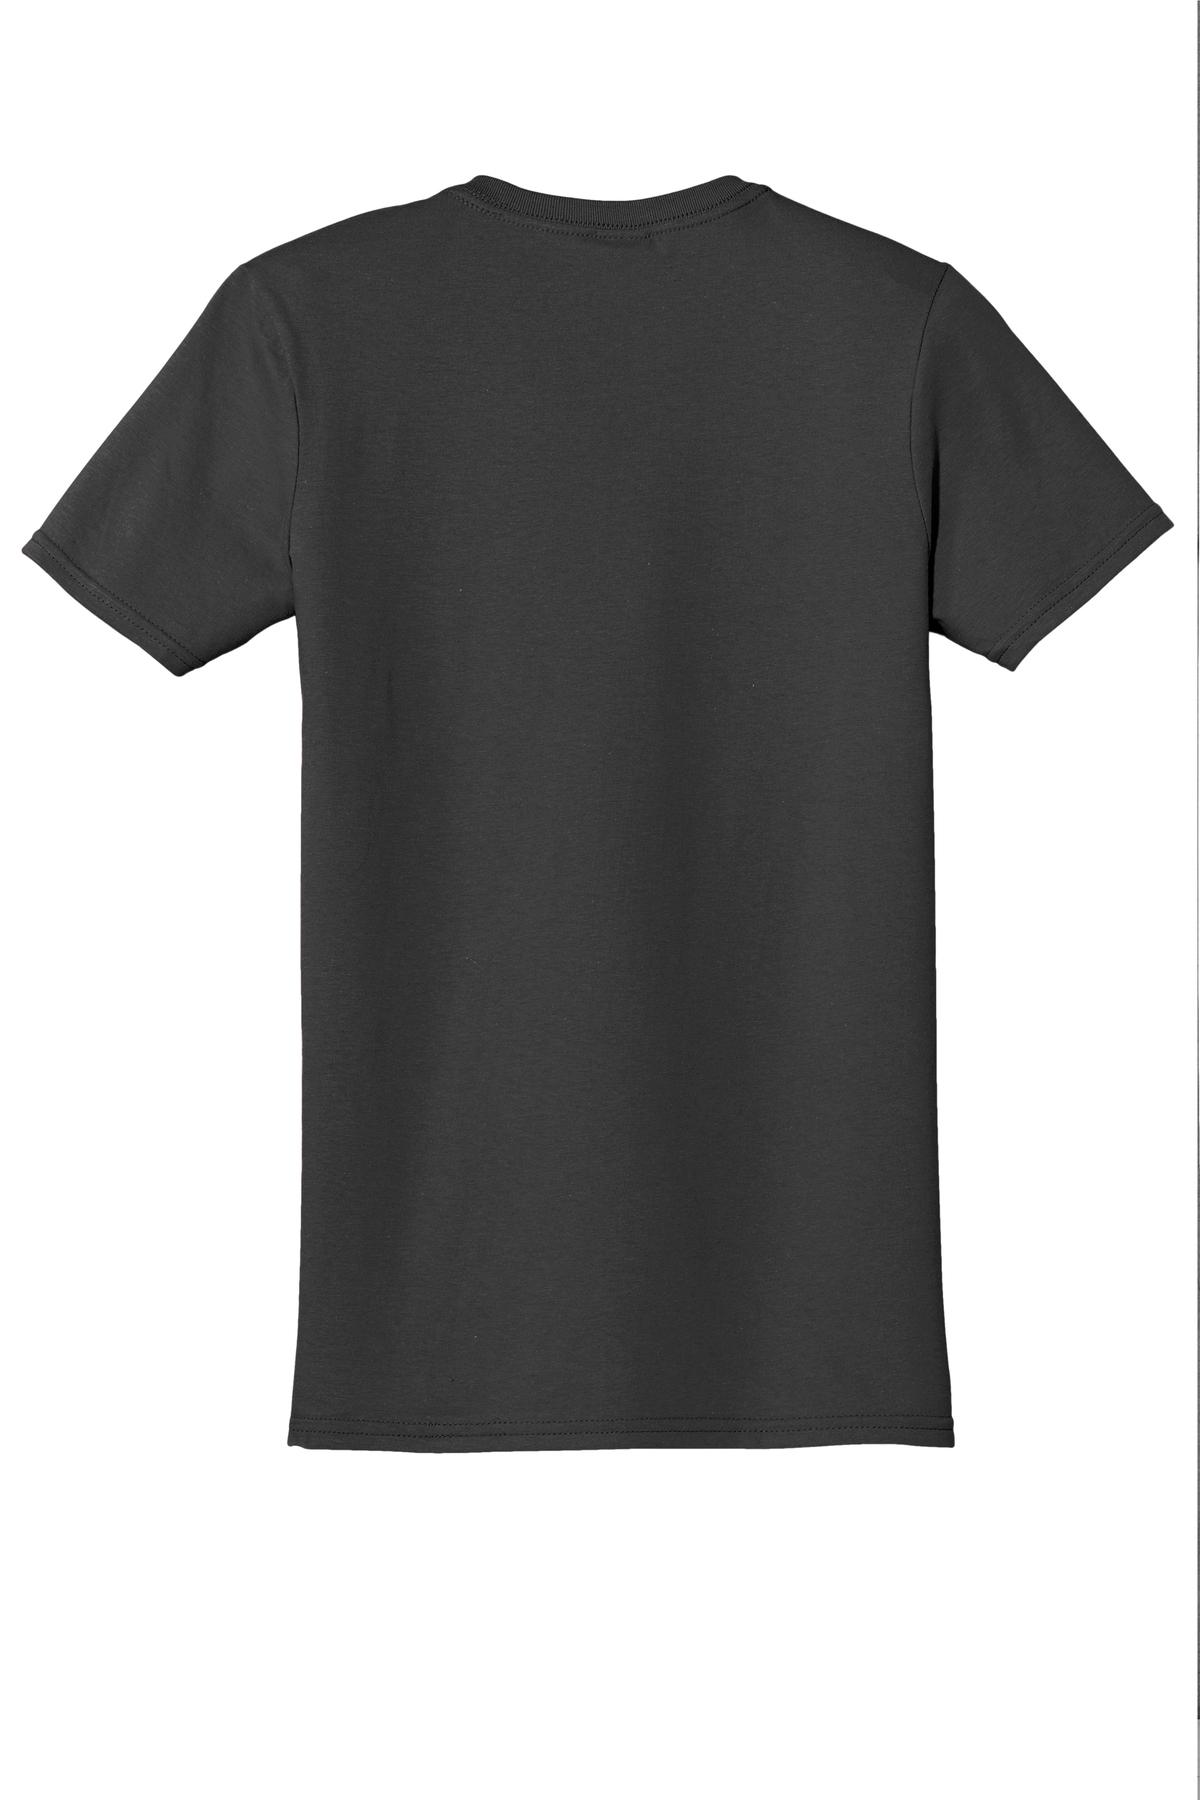 gildan softstyle174 tshirt 100 cotton tshirts sanmar